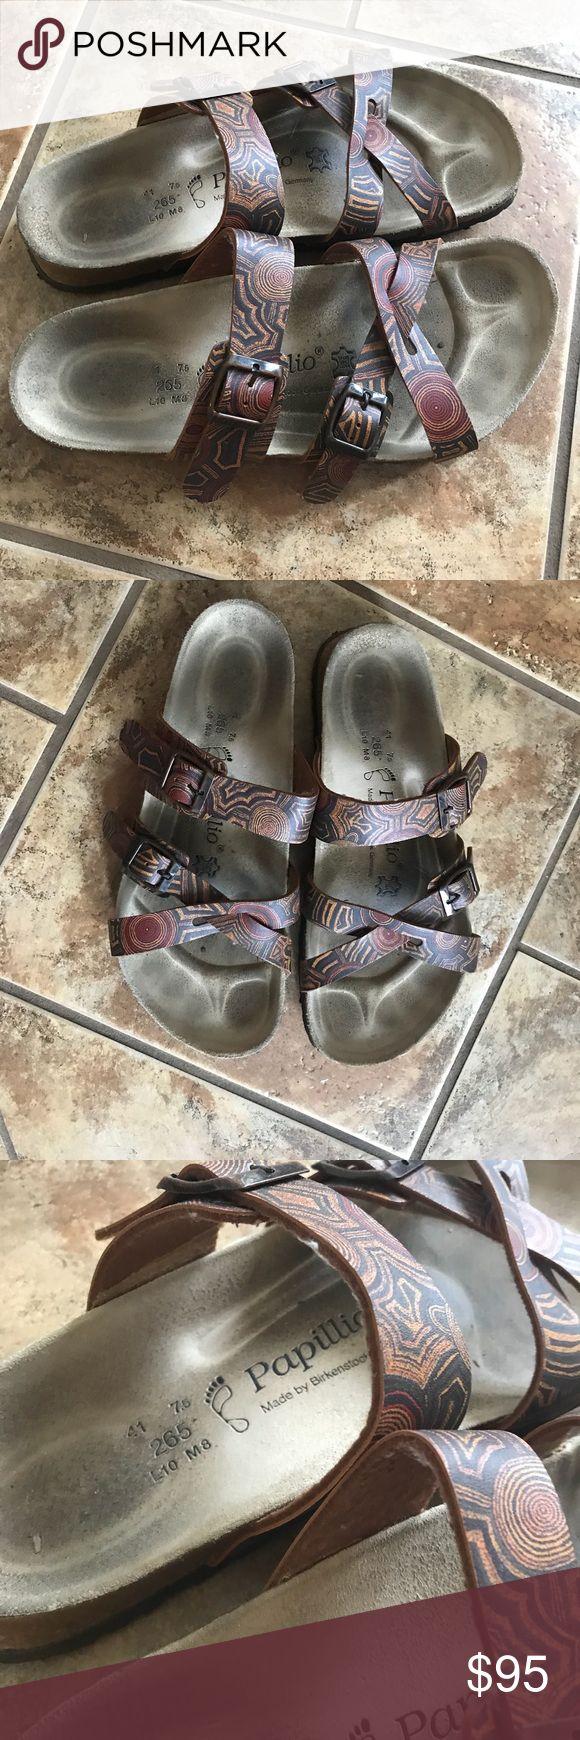 Birkenstock Papillio Sandals Birkenstock Papillio Sandals  gently used women's size 10 men's 9 Birkenstock Shoes Sandals